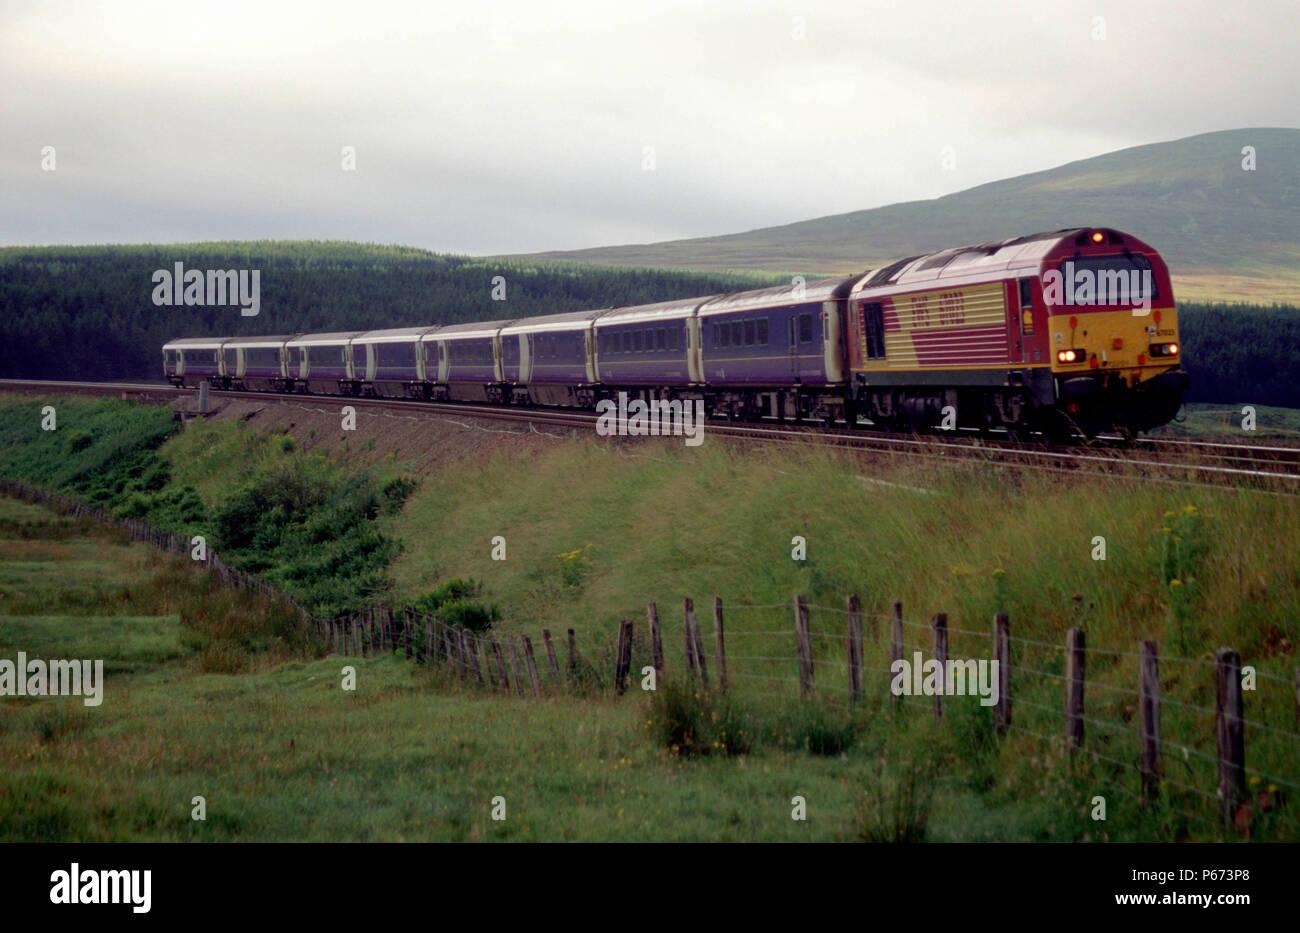 Un EWS class 67 voyages à travers la campagne écossaise en direction nord sur l'approche pour Dalwhinne. Ce train a commencé son voyage à Londres et wil Banque D'Images